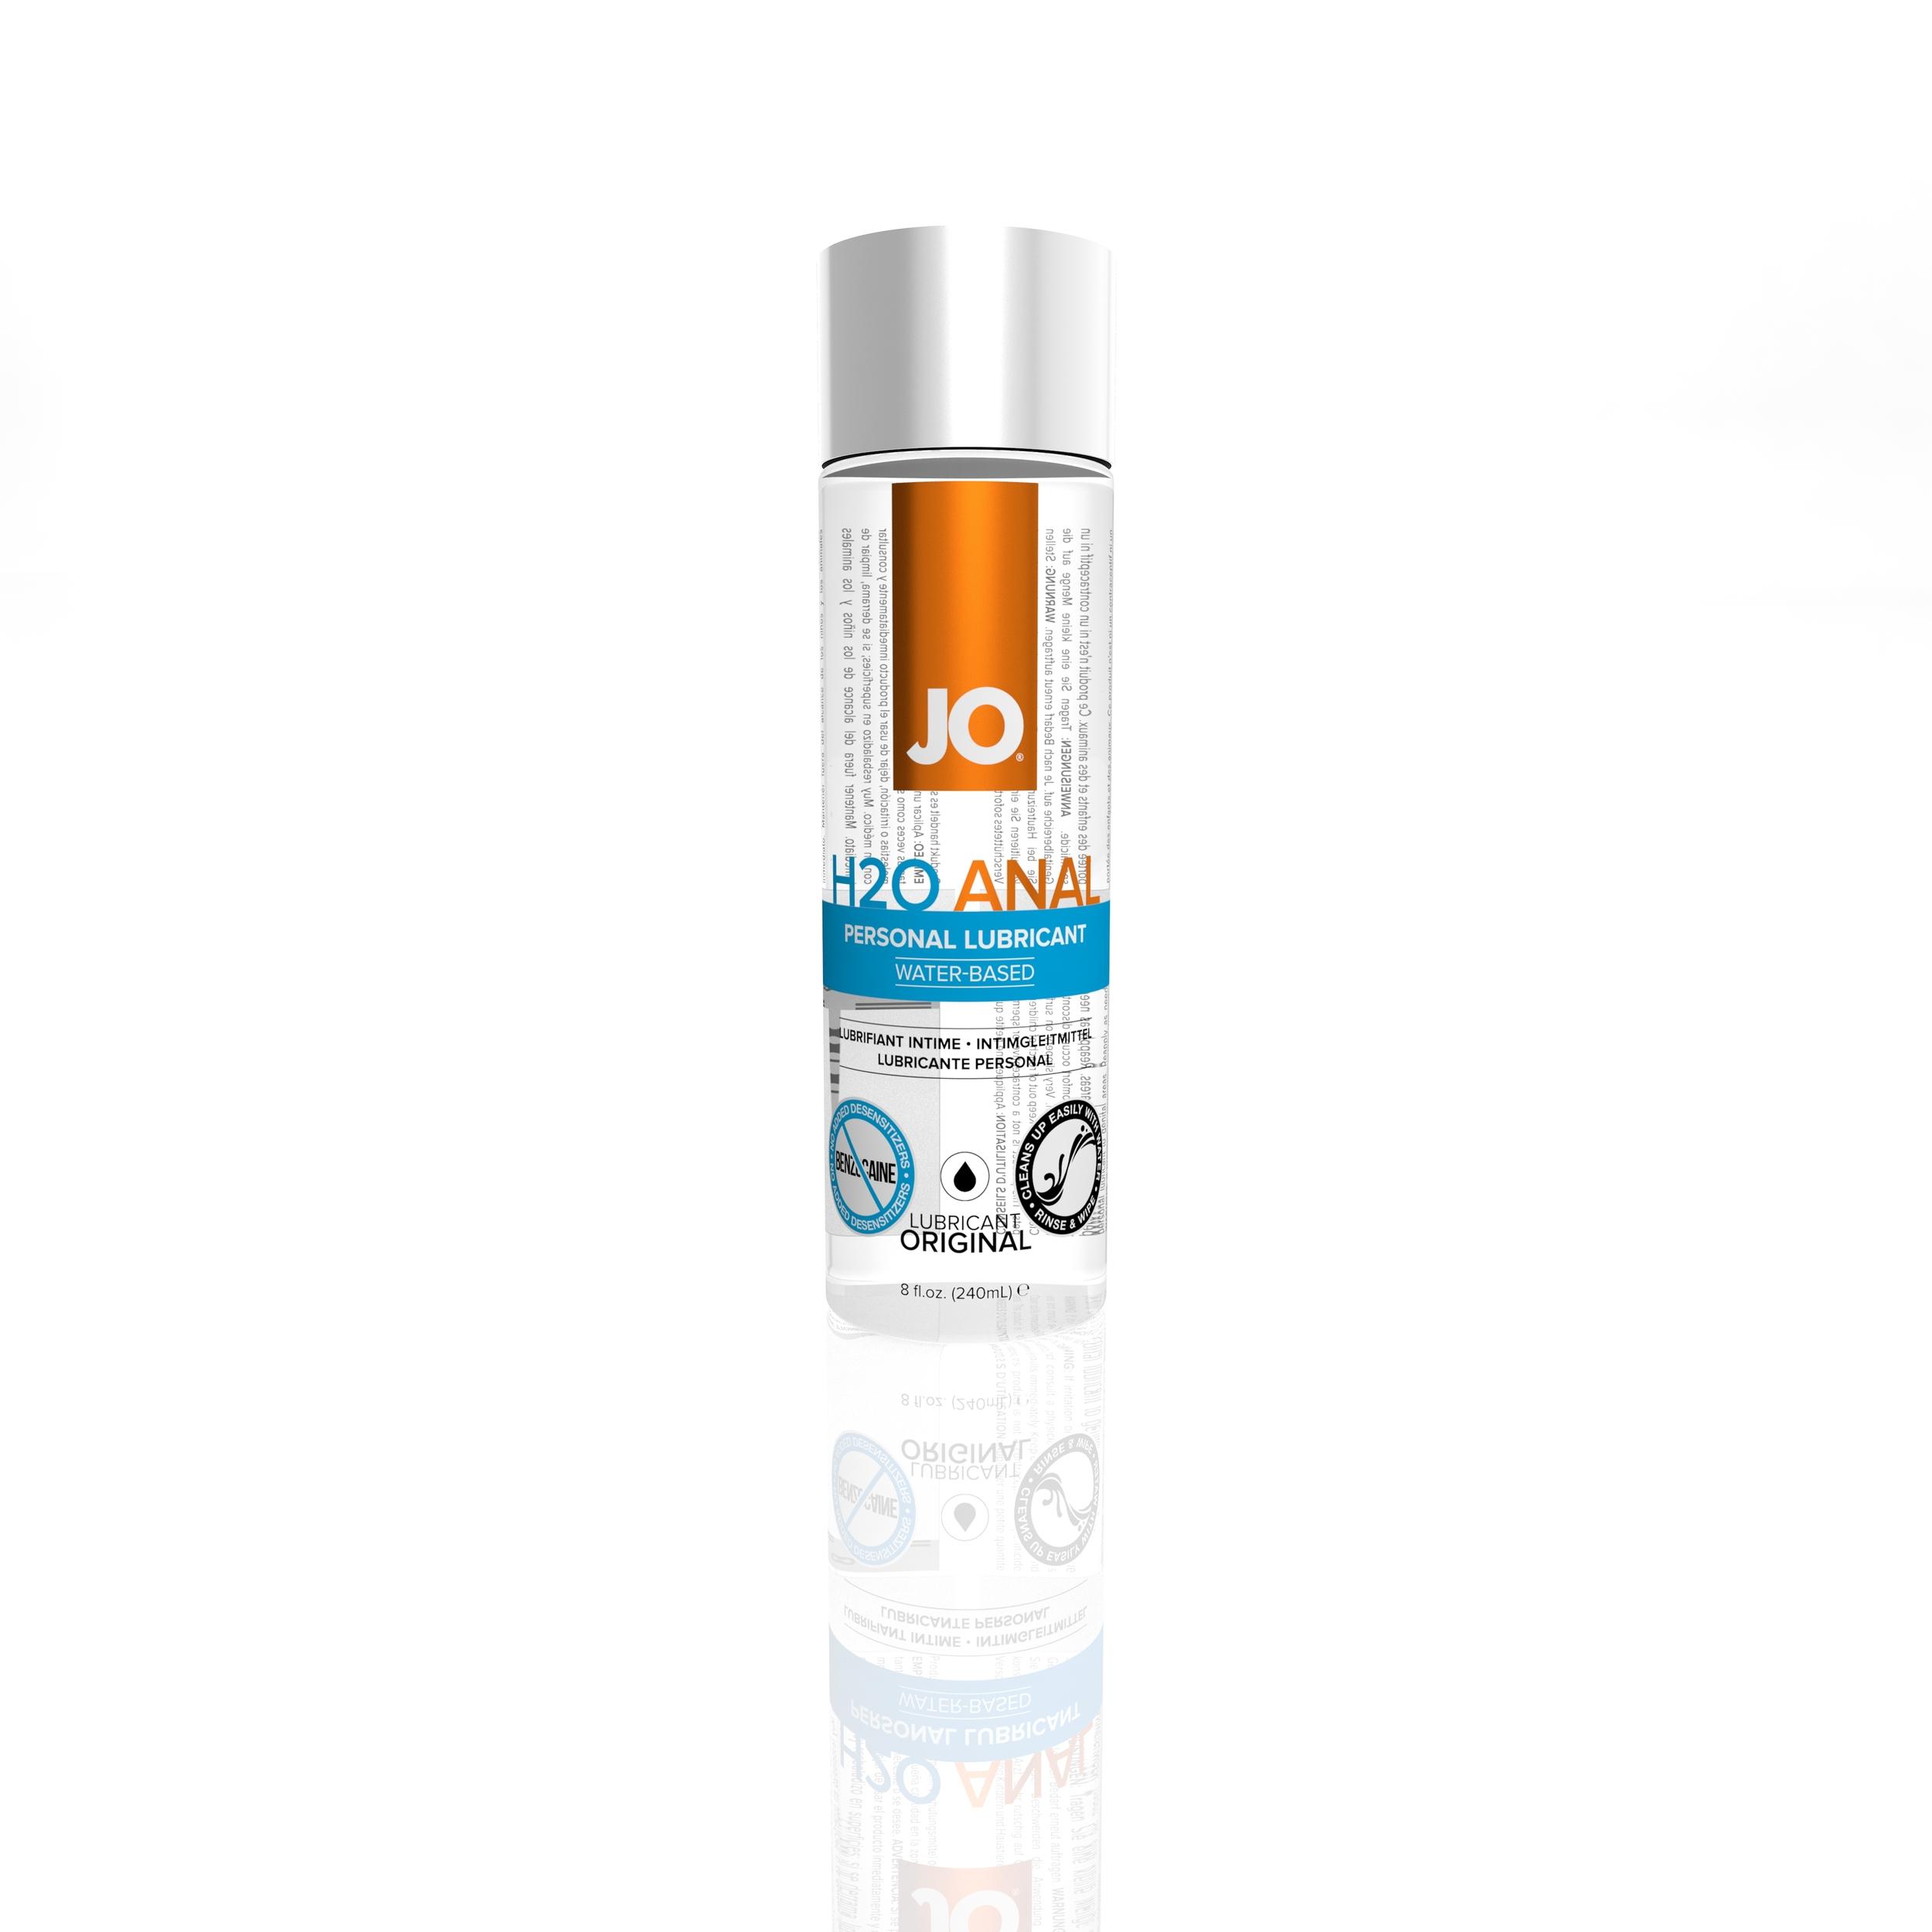 40108 - JO ANAL H2O LUBRICANT - ORIGINAL - 8fl.oz 240mL.jpg